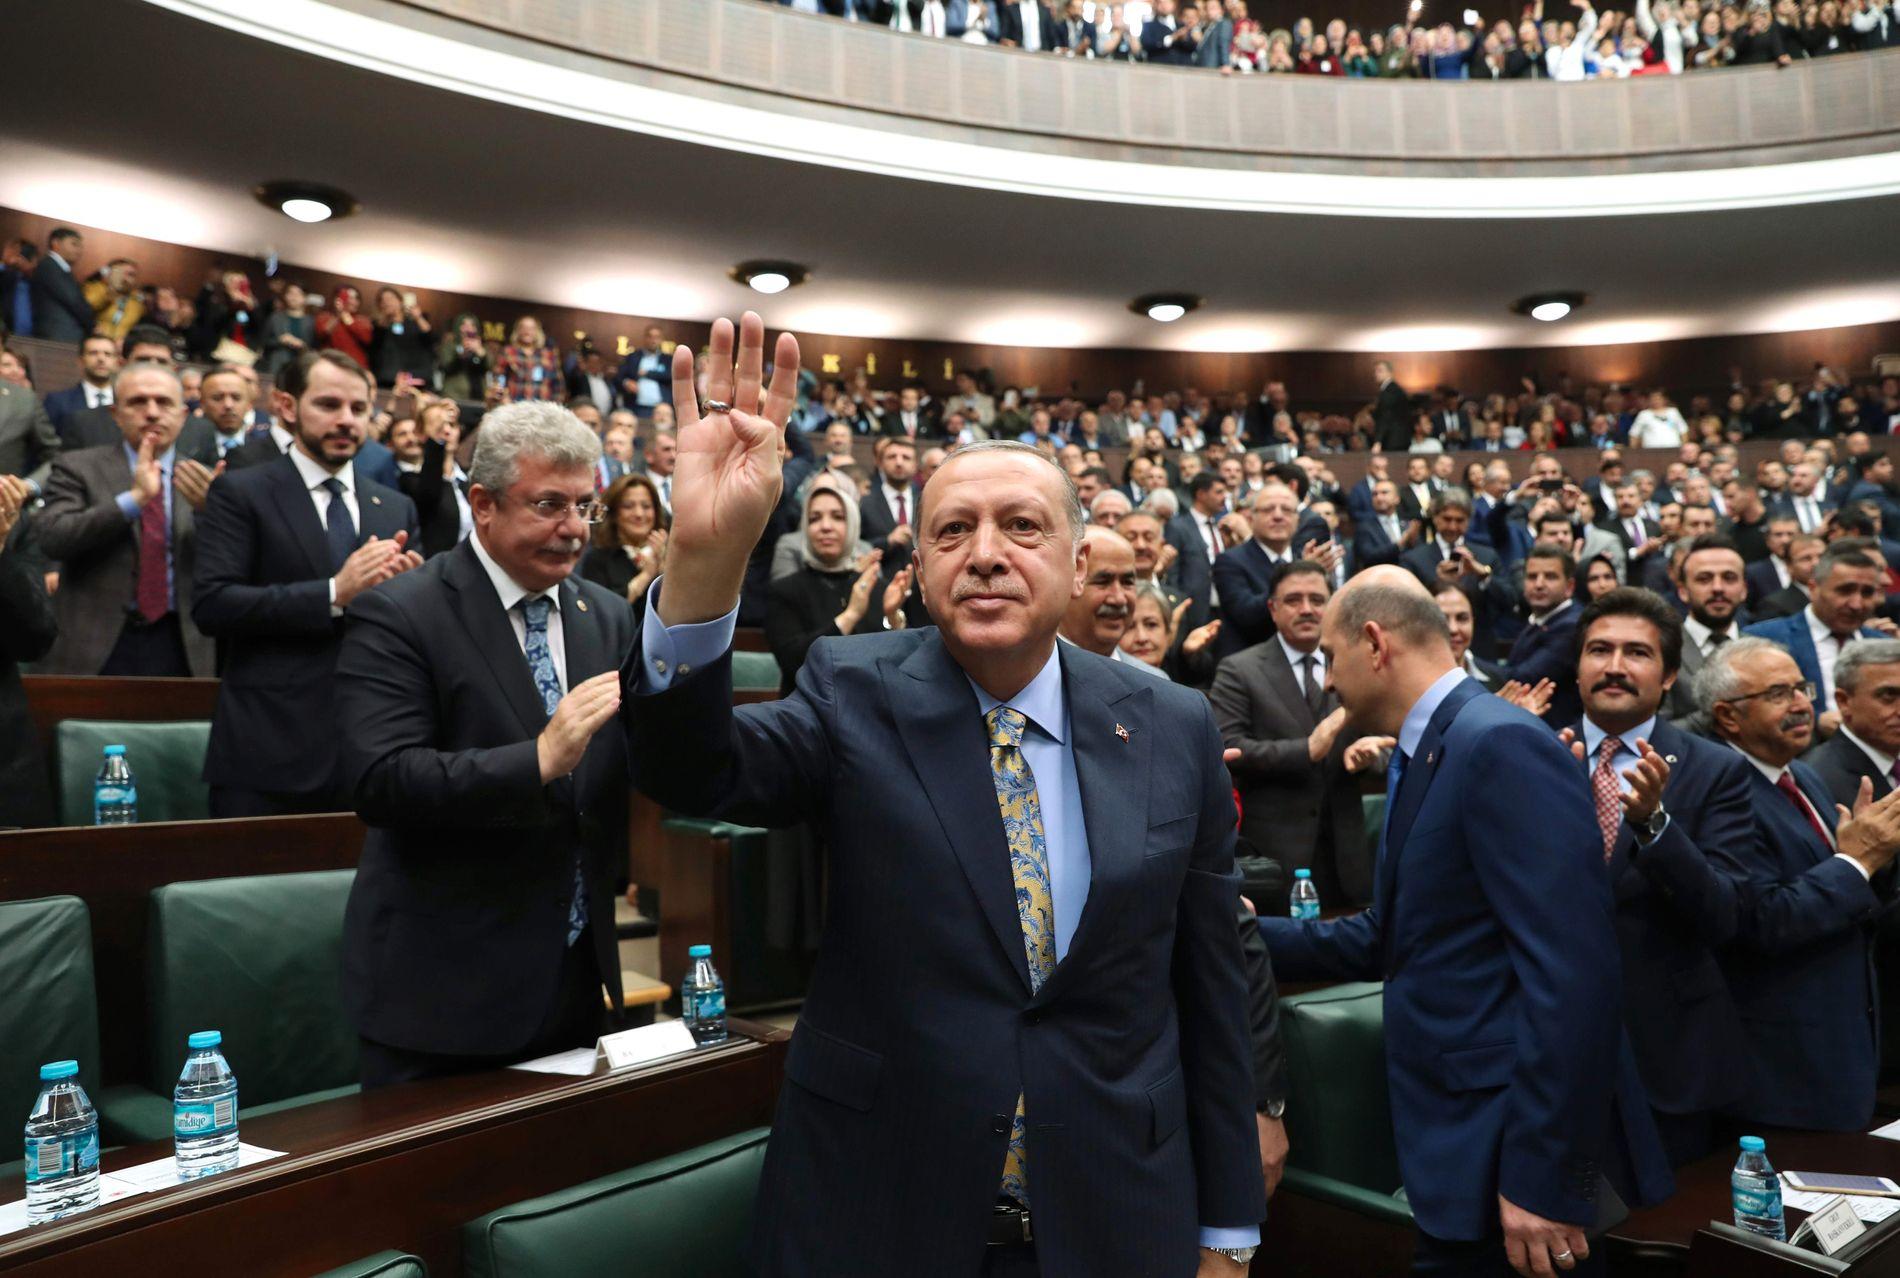 BER OM SVAR: Tyrkias president Recep Tayyip Erdogan talte i nasjonalforsamlingen og krevde svar fra Saudi-Arabia etter drapet på journalist Jamal Khashoggi.